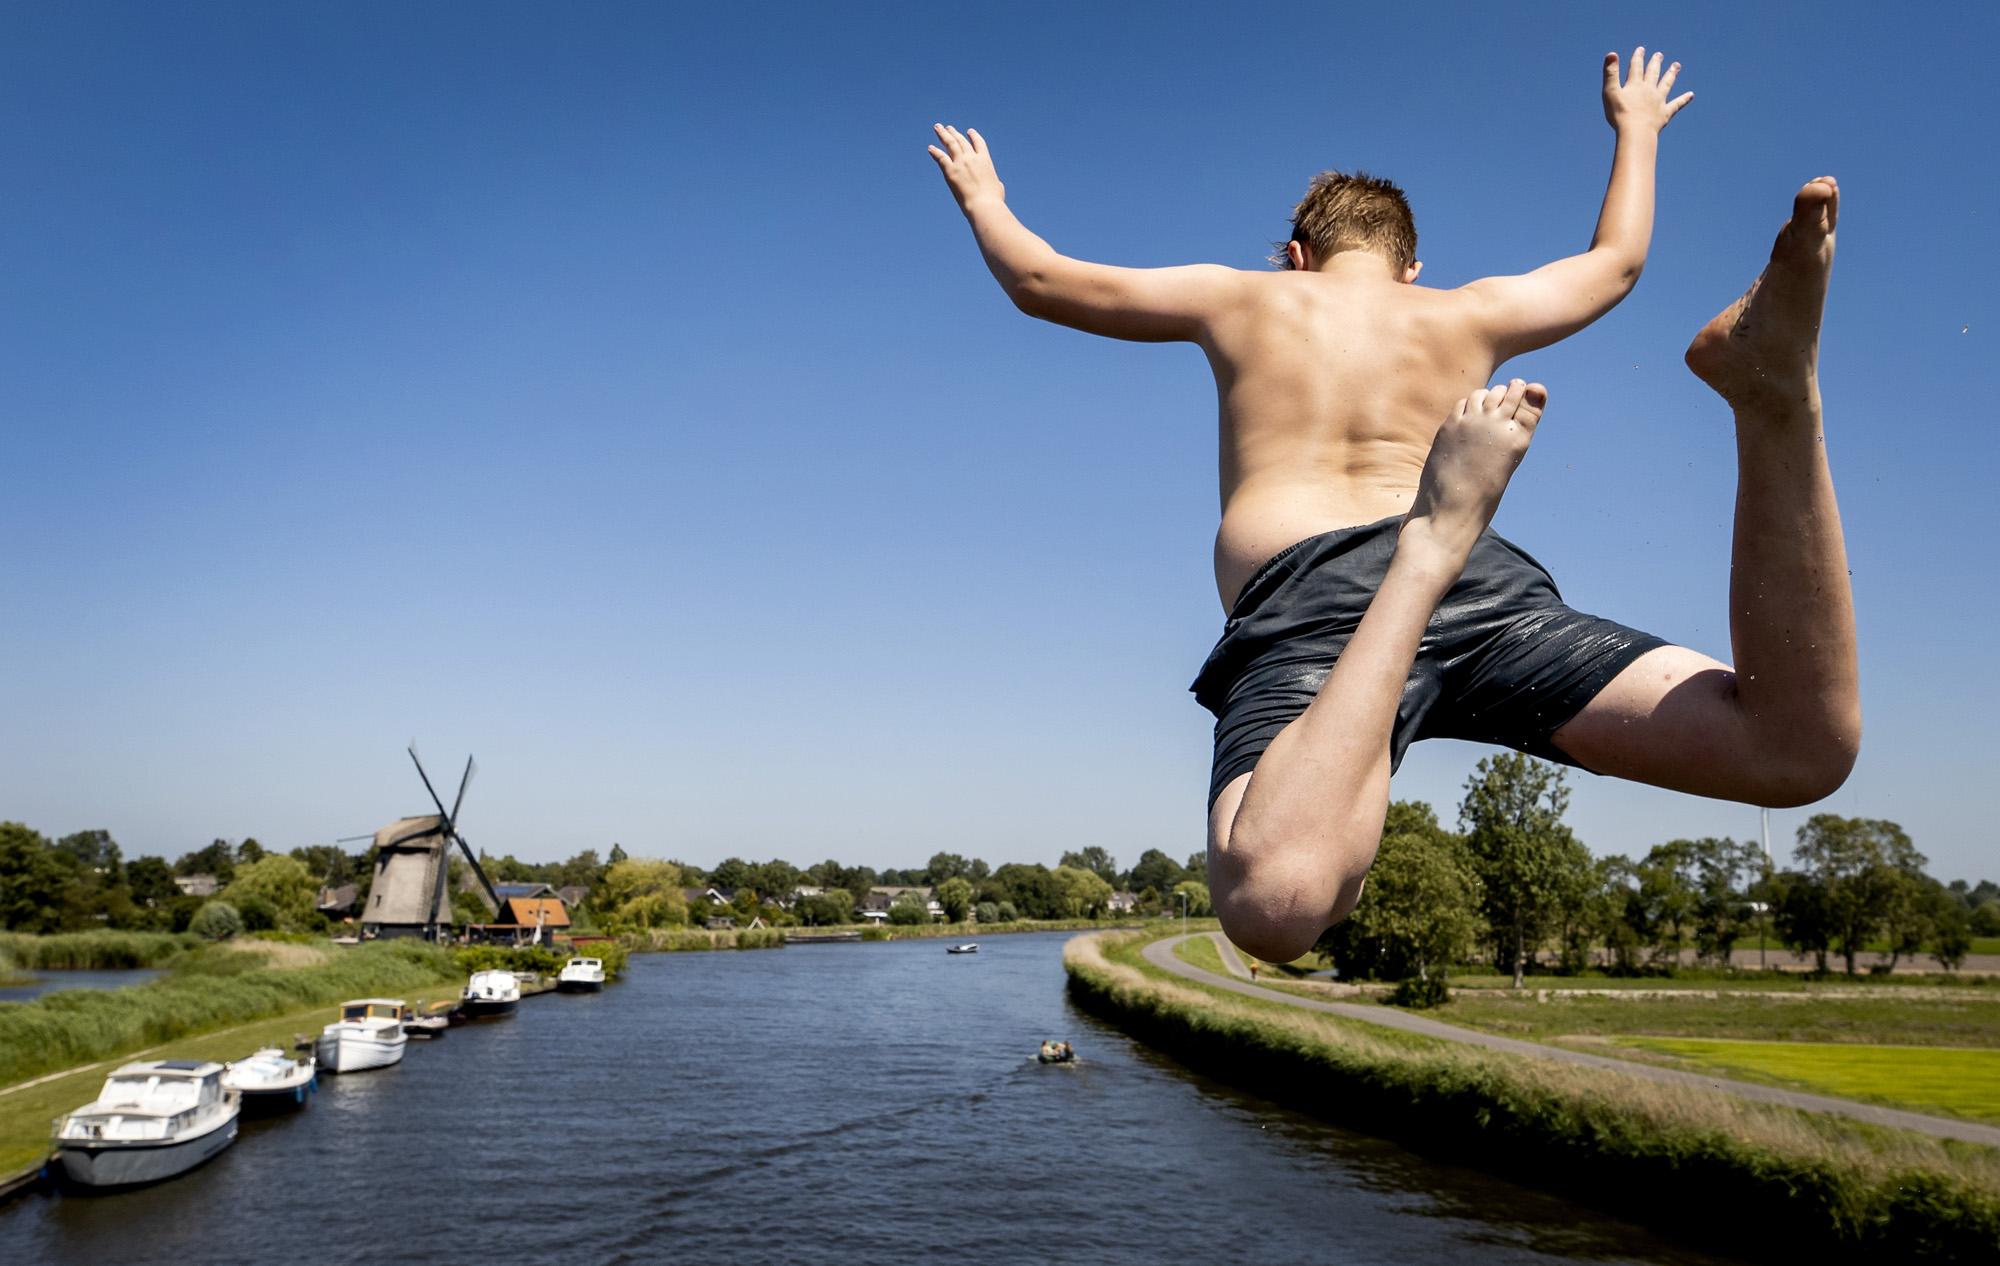 Een foto van een jongetje dat vanaf een brug in het water springt